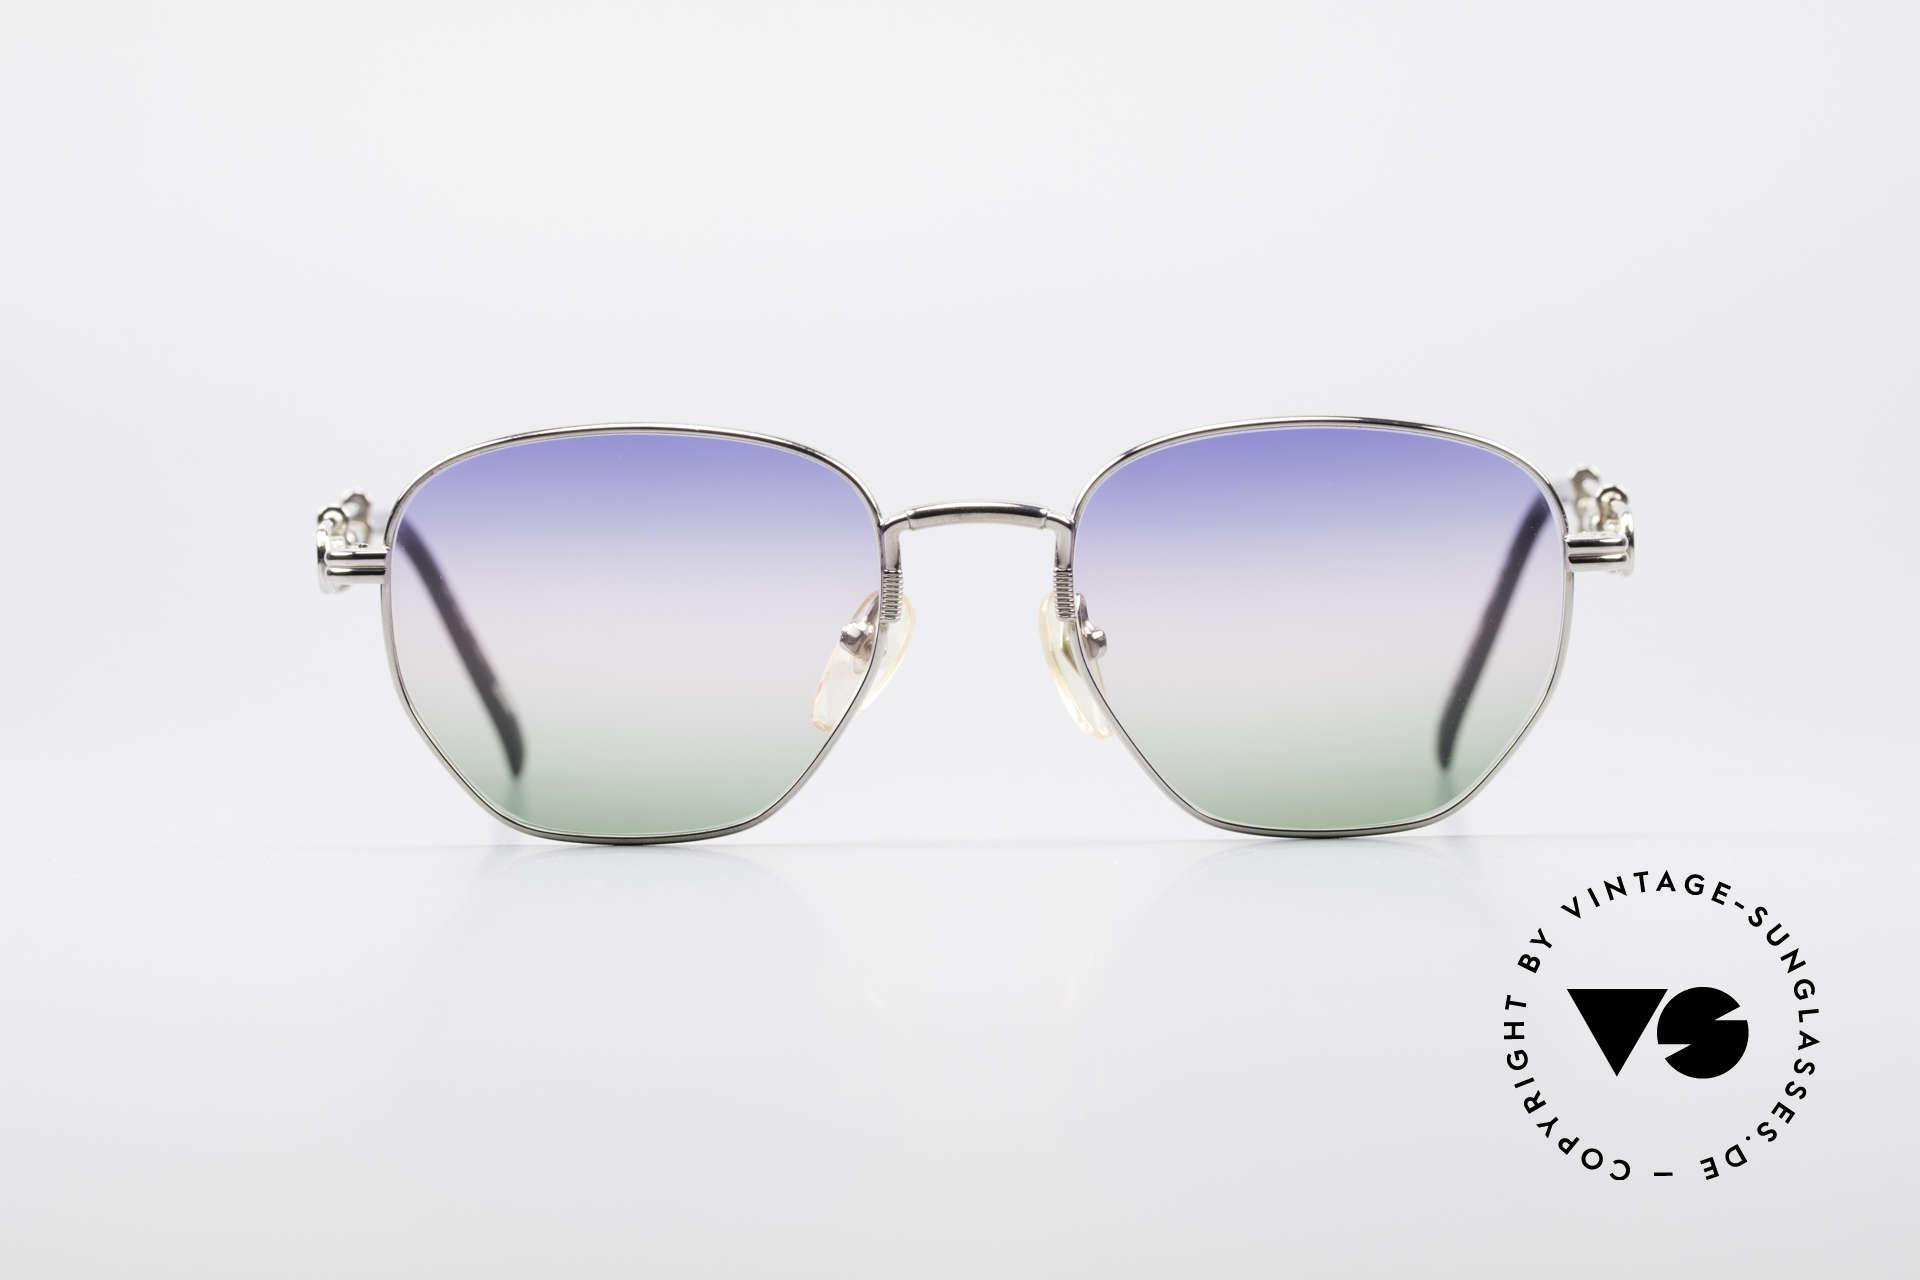 Jean Paul Gaultier 55-4174 Einstellbare Vintage Brille, variable Bügellänge für Top-Passform; genial praktisch, Passend für Herren und Damen